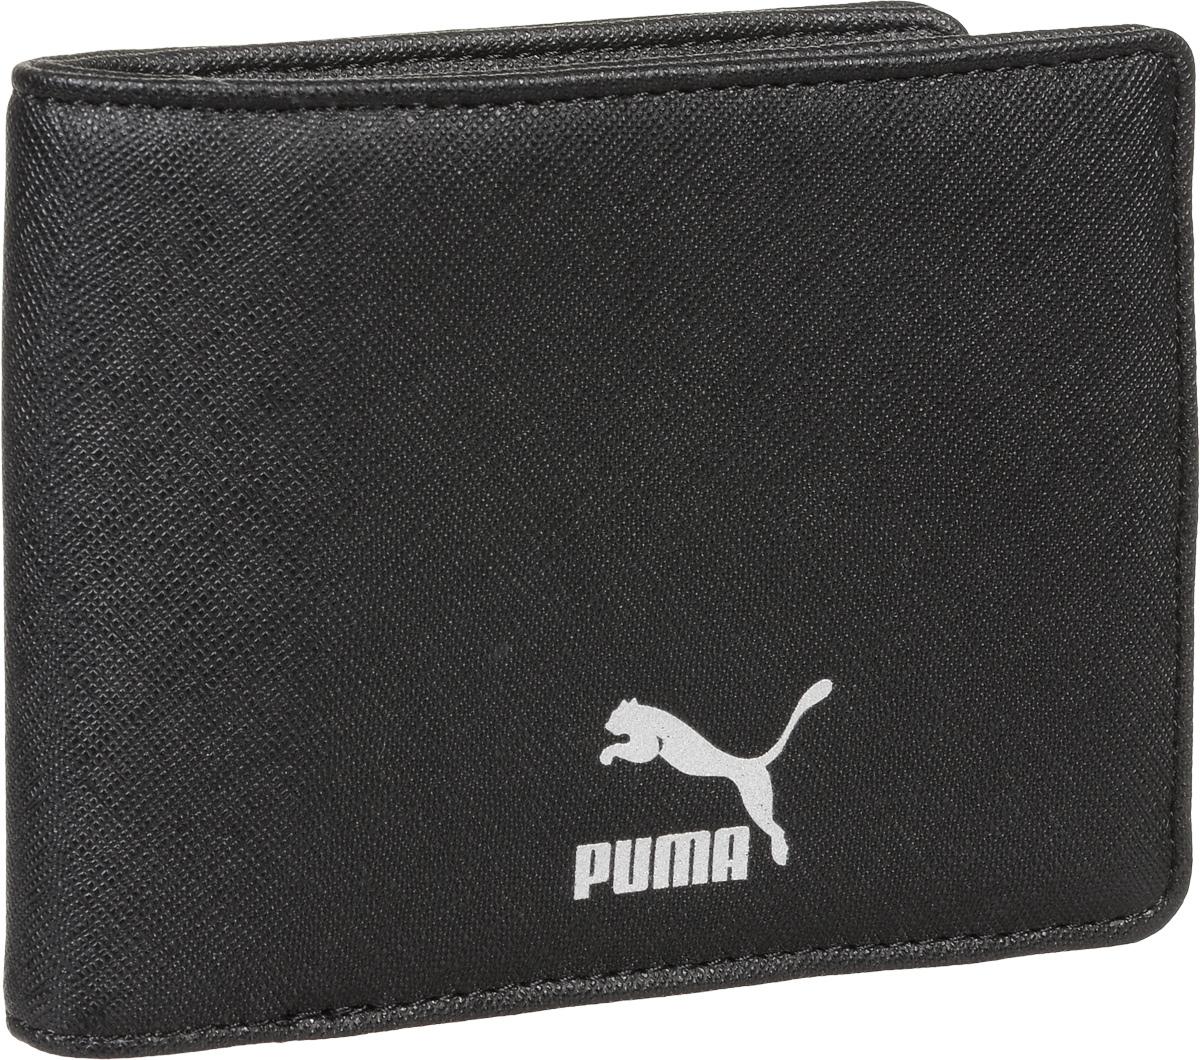 Бумажник Puma Originals Billfold Wallet, цвет: черный. 07437101BM8434-58AEБумажник имеет несколько отделений для банкнот и кредитных карт, функциональную подкладку из полиэстера с тематическим набивным рисунком по всех поверхности, тисненый логотип Puma внутри и металлический серебристый логотип Puma спереди.